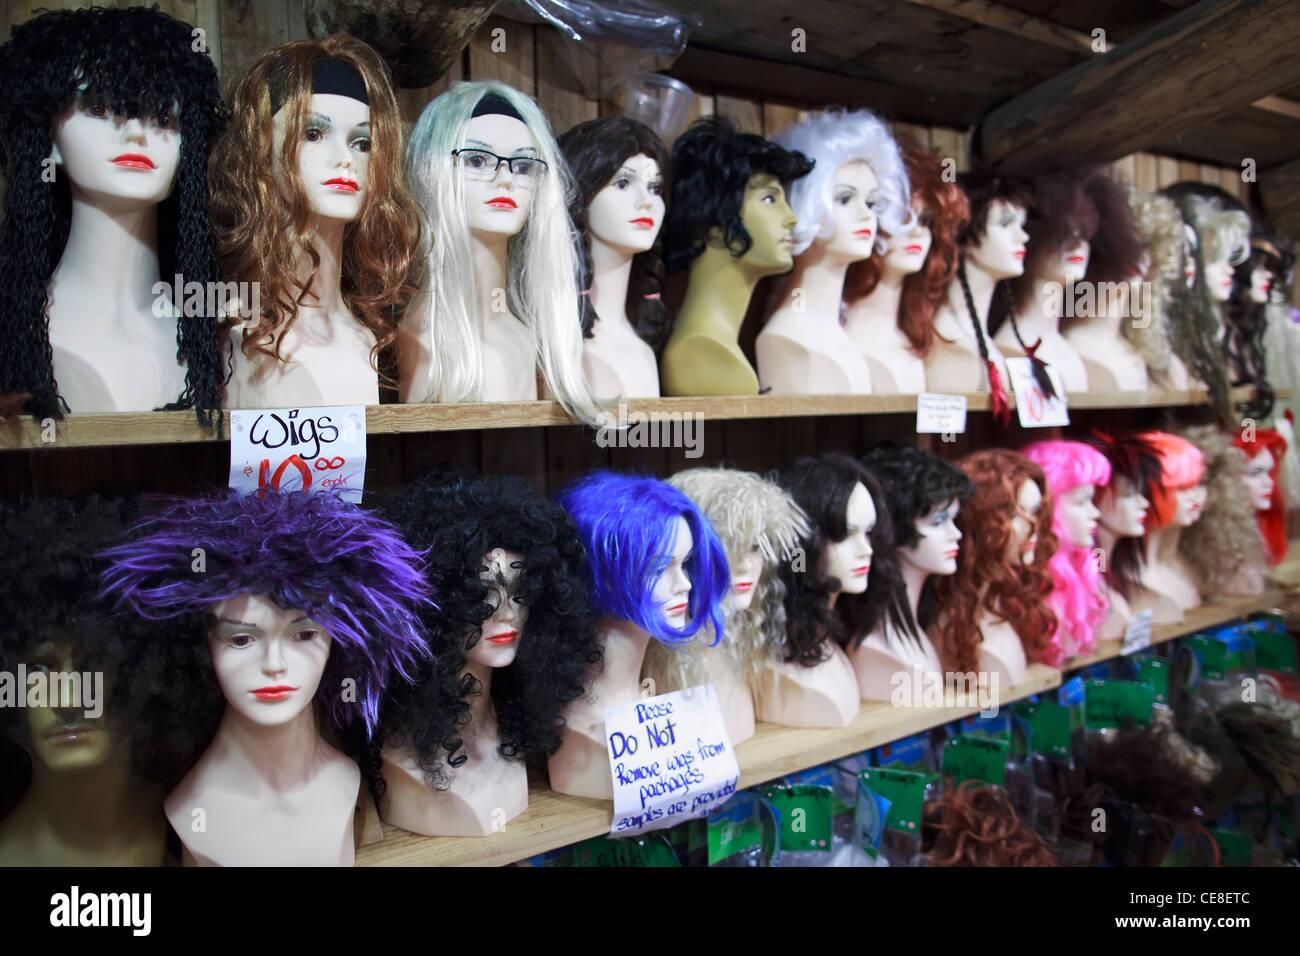 Perruques sur les têtes des mannequins. Photo Stock